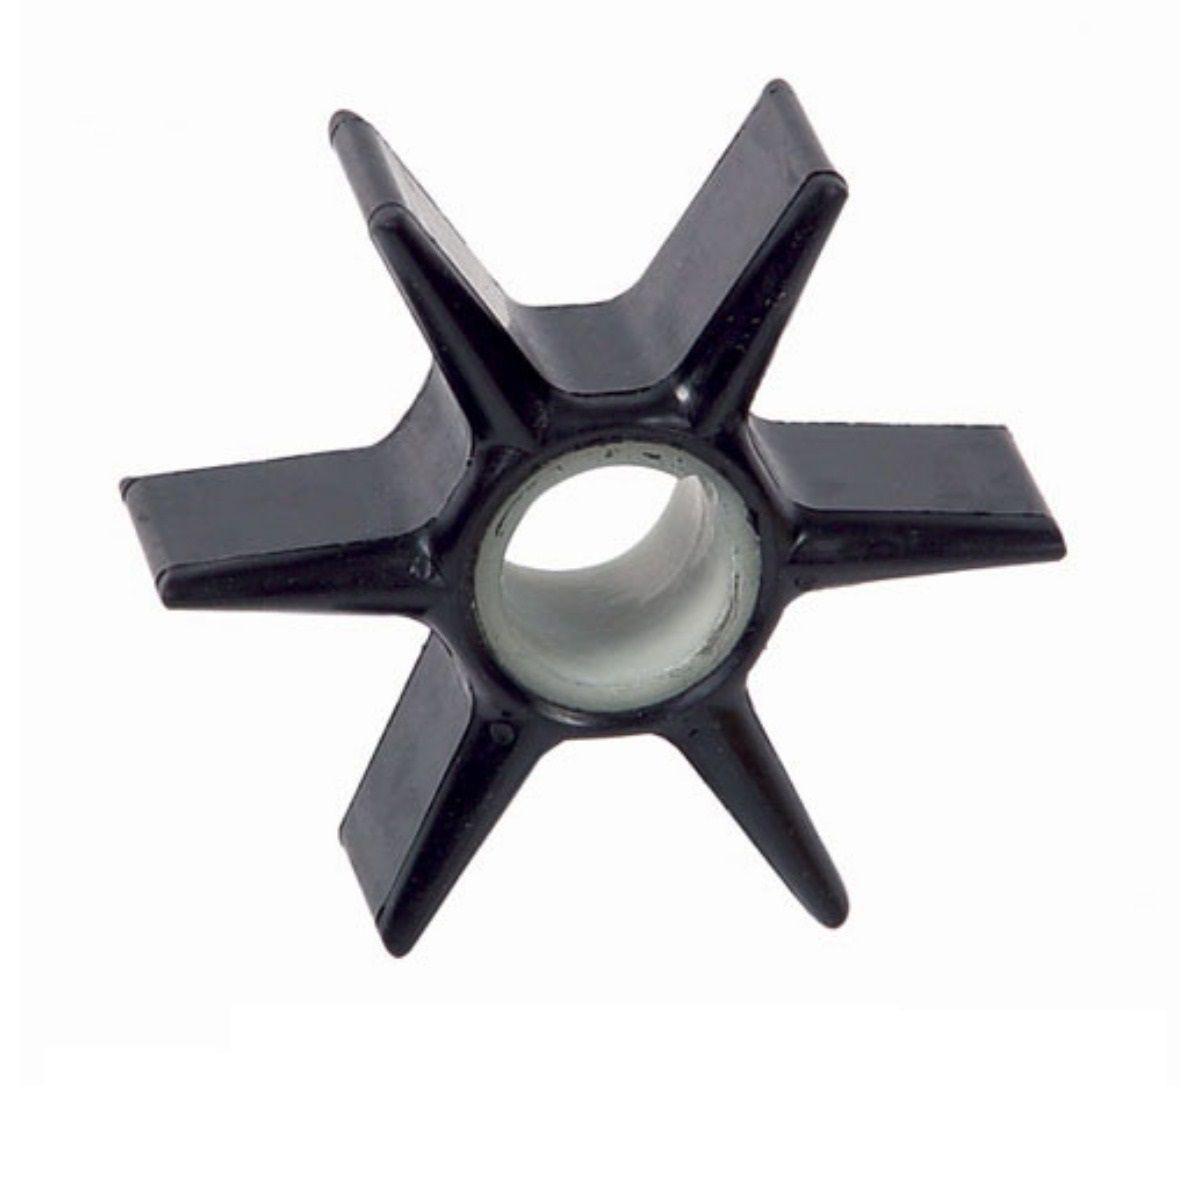 Rotor da bomba d'agua para motores Mercury/ Mercruiser com rabeta Alpha